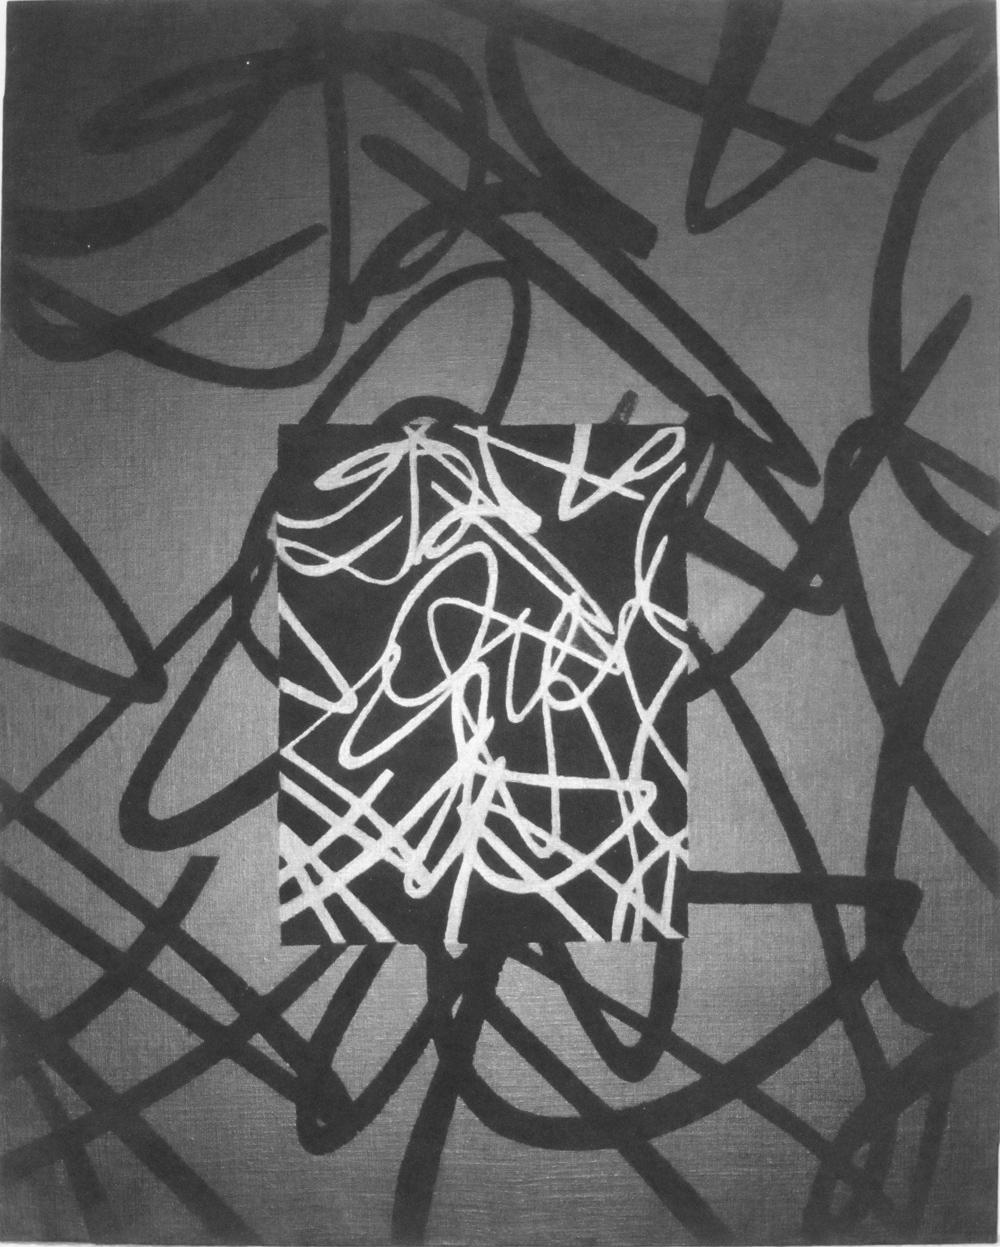 Matenità, 2004, cm 100 x 80, Acrilico e sabbia su tela